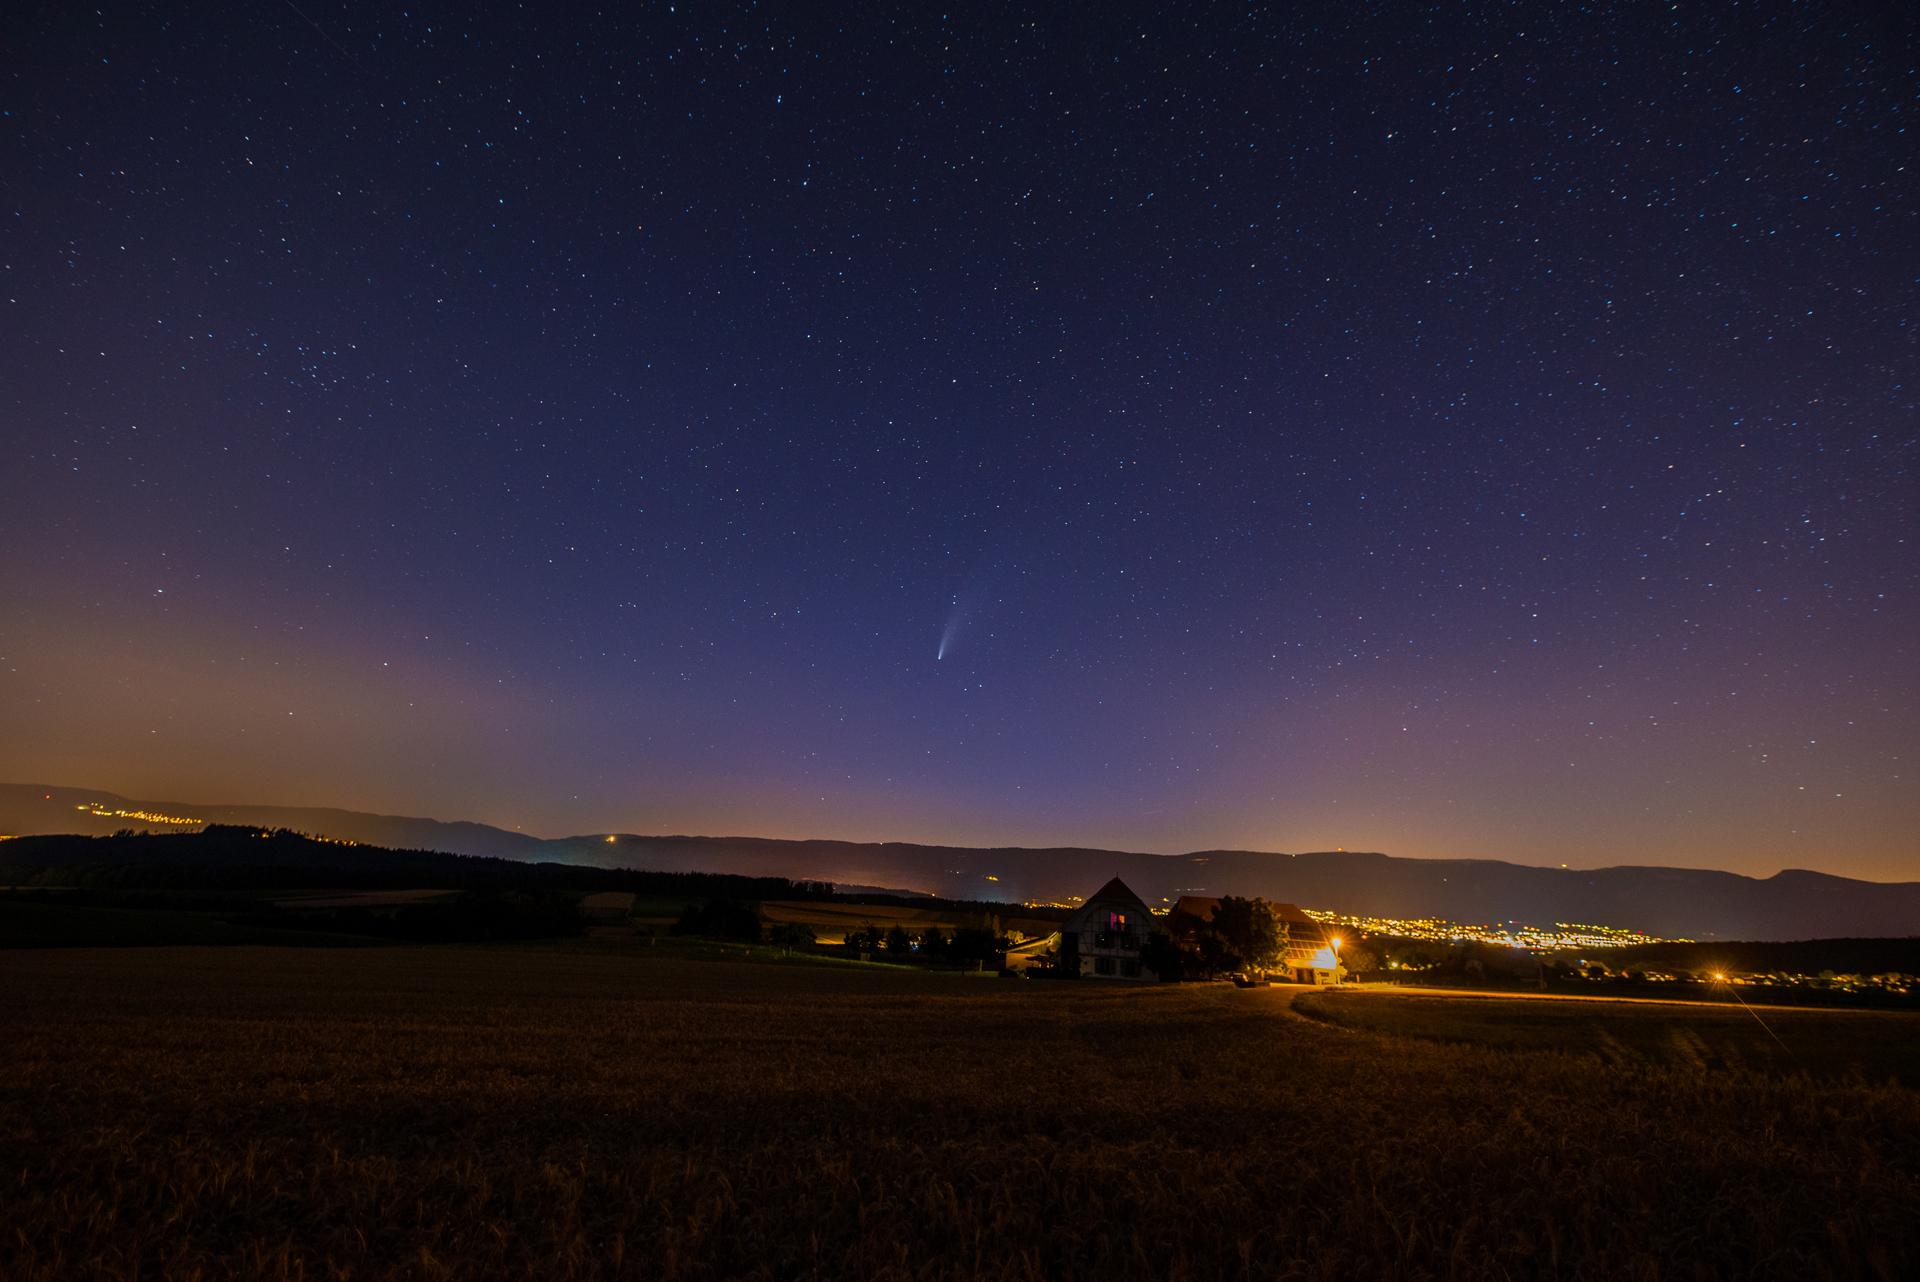 Komet Neowise über der Solothurner Jurakette aus dem Mittelland, Schweiz. © 19.7.2020 Trix Pulfer.